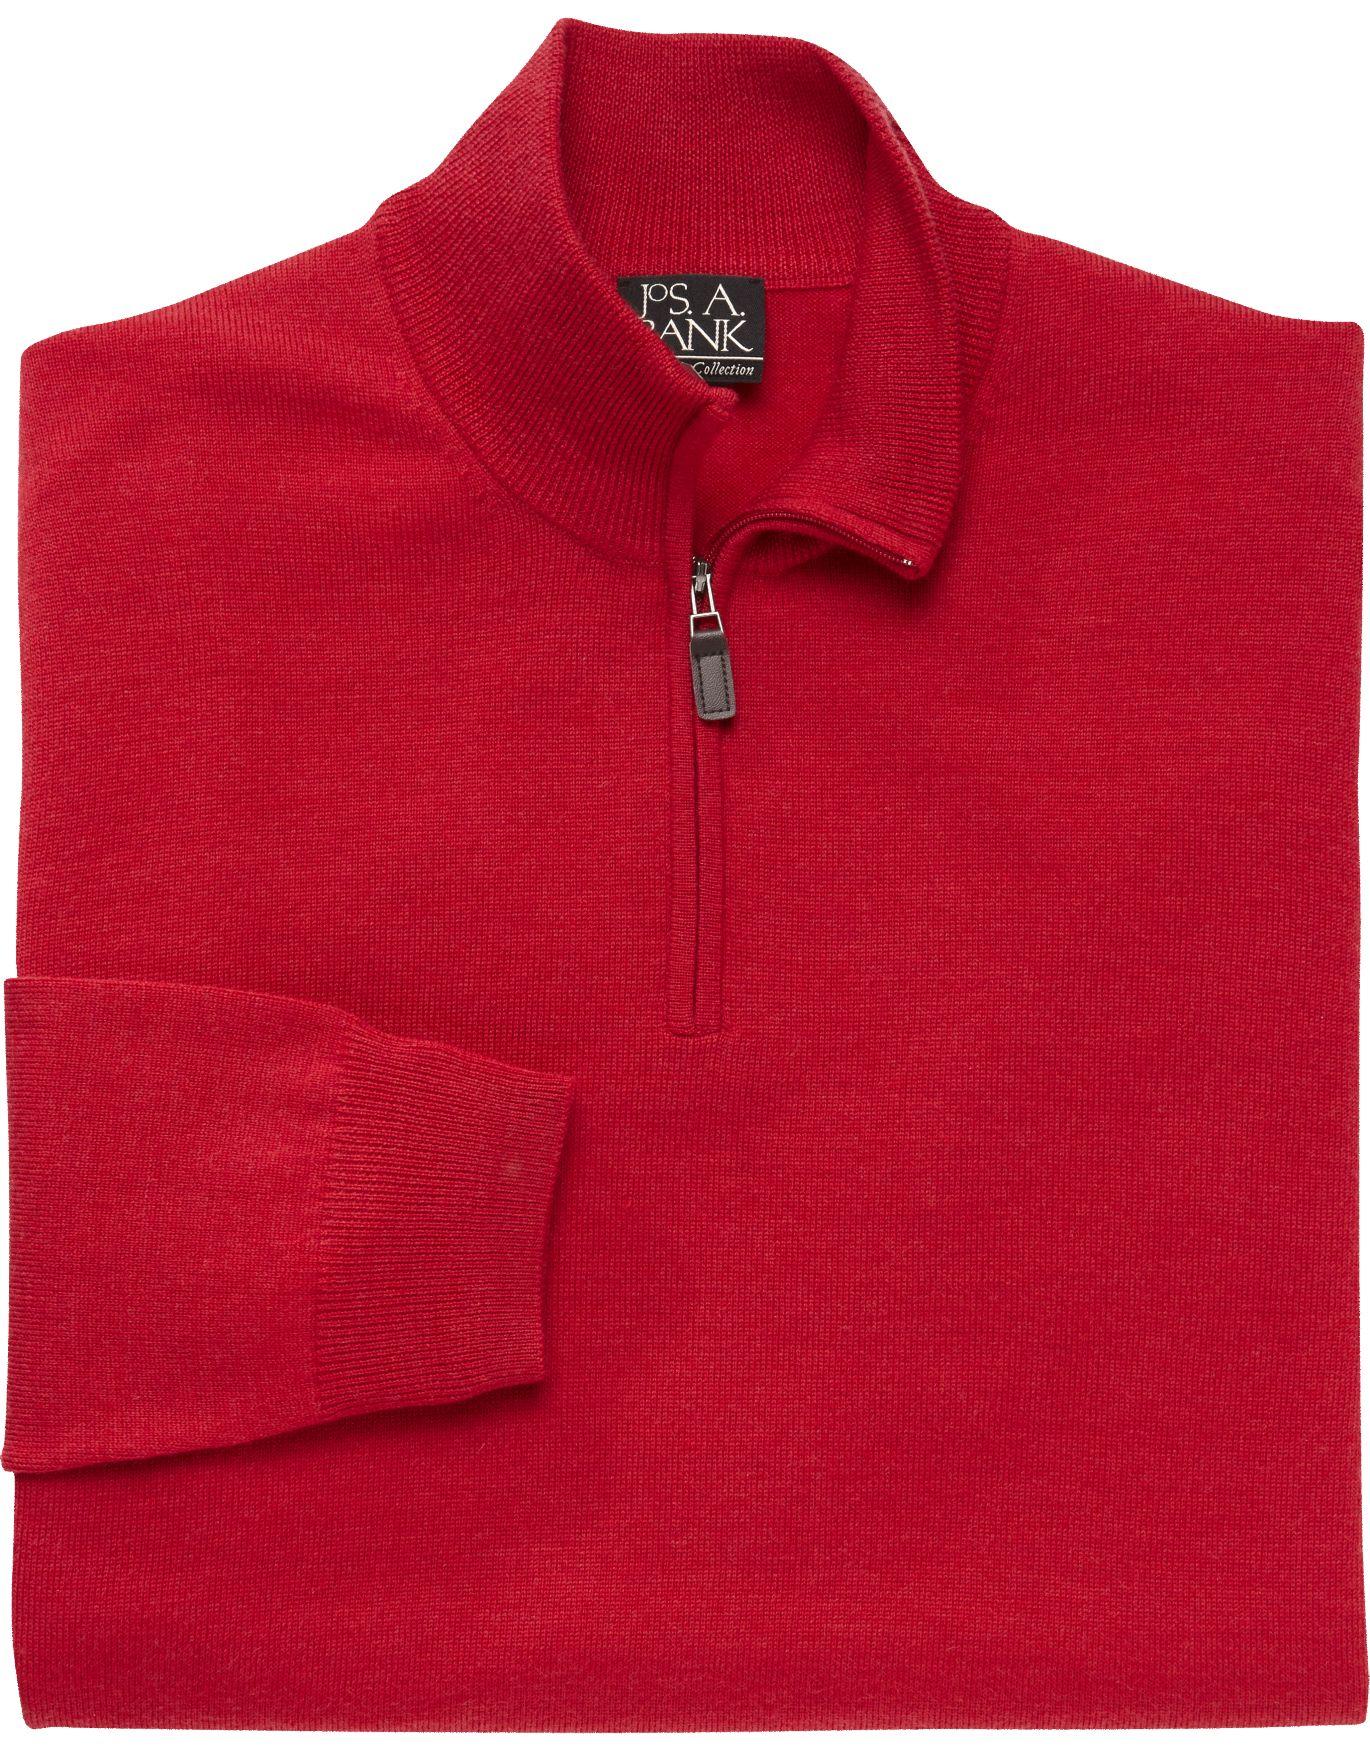 Traveler Collection Merino Wool Quarter-Zip Sweater - Merino Wool ...